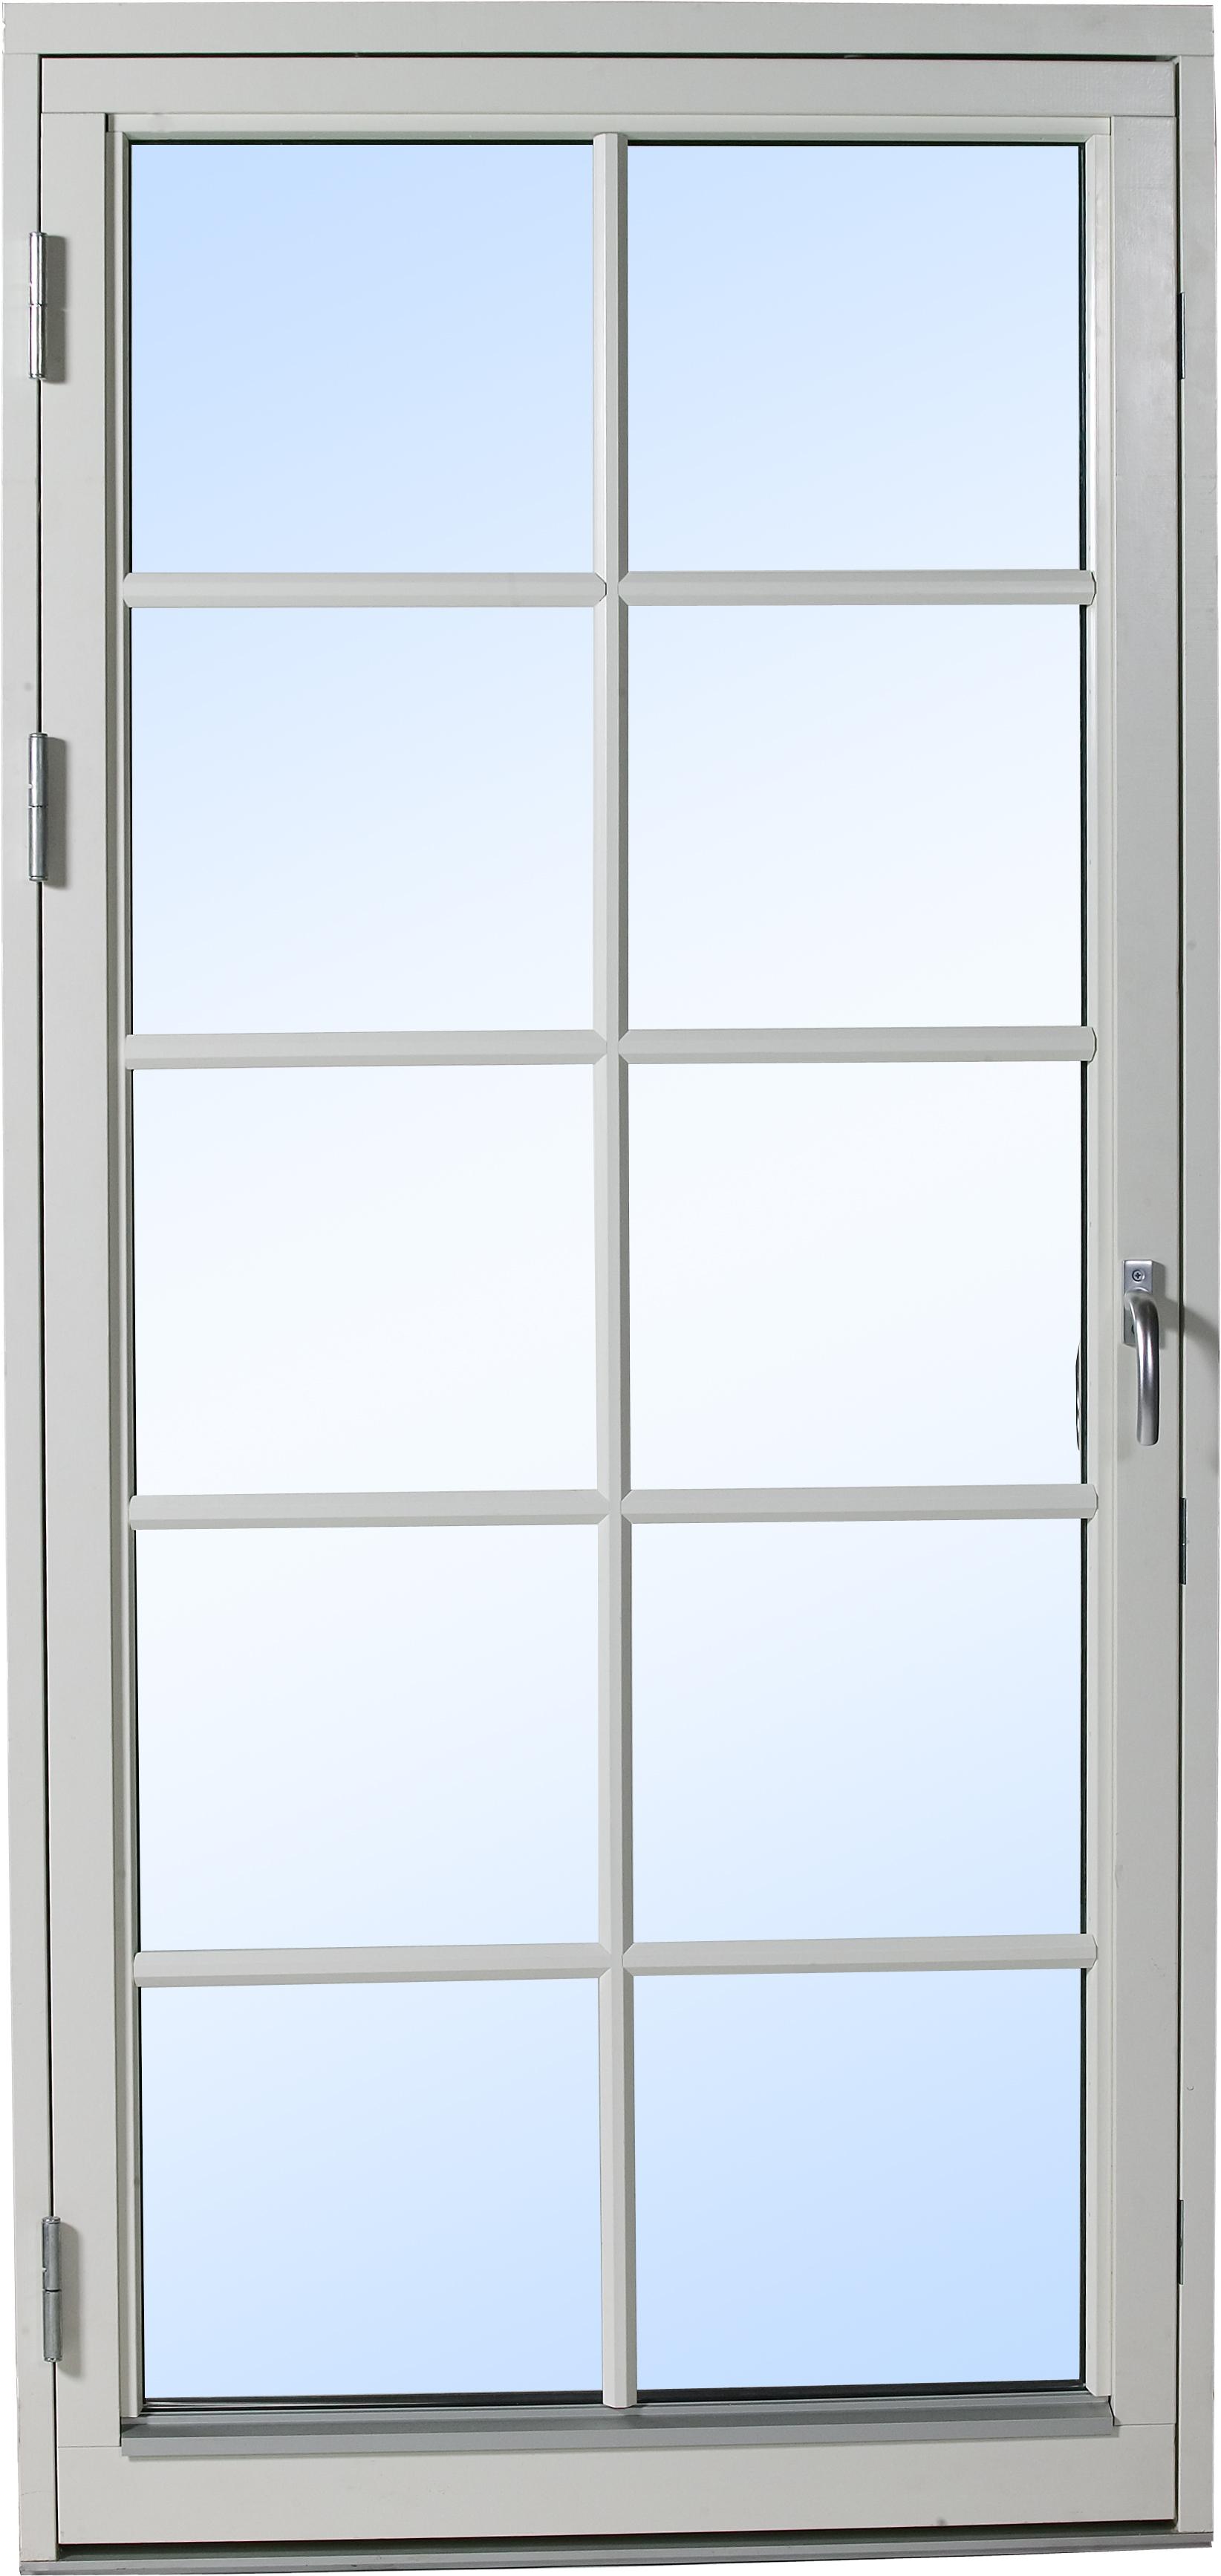 K-Bo Gross din fönster och dörr leverantör